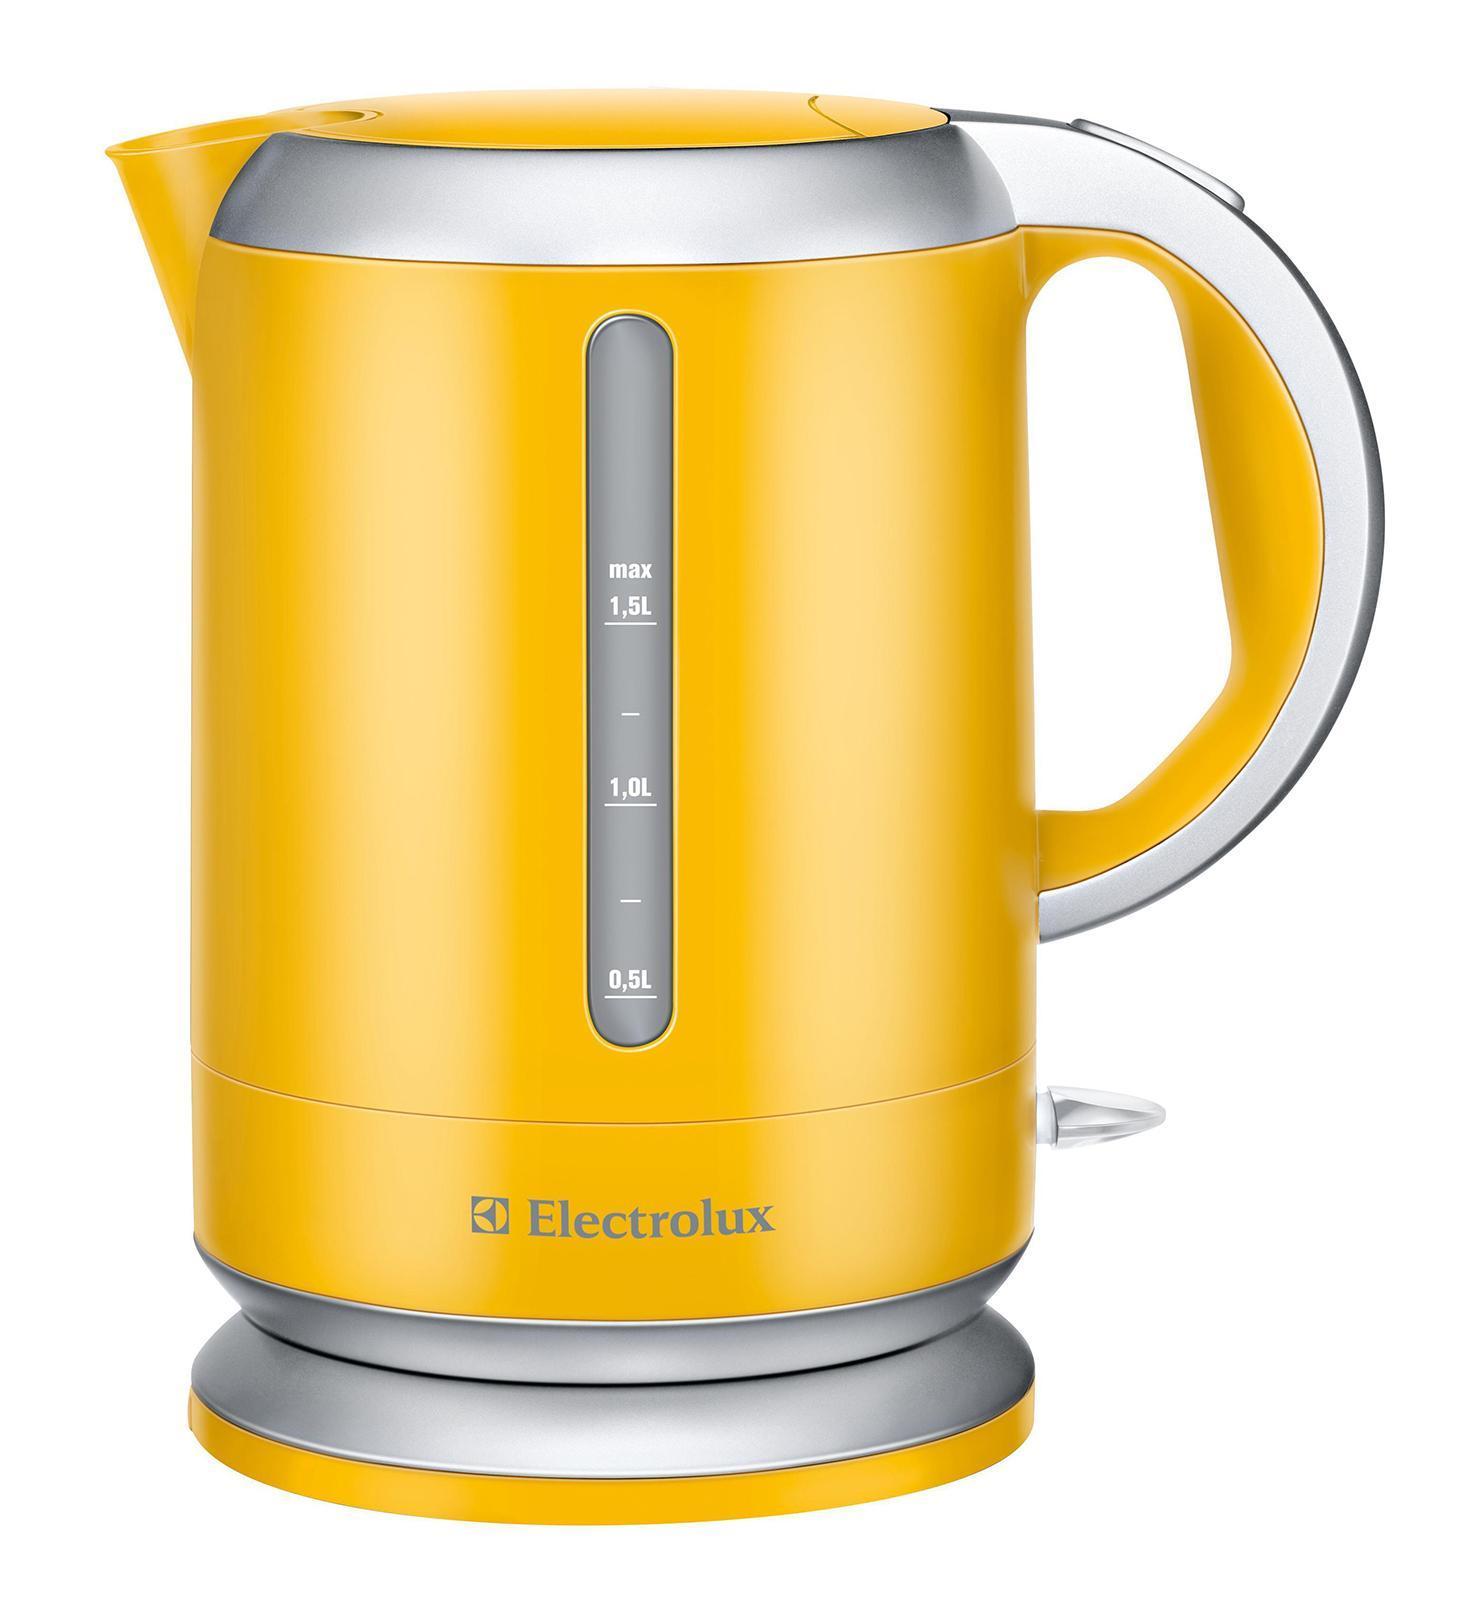 Electrolux EEWA3130, YellowEEWA3130Выключатель и кнопка открывания крышки расположены на верхней панели чайника. Благодаря тому, что чайник может свободно проворачиваться на основании на 360°, вы можете устанавливать чайник на подставку в любом удобном положении. Благодаря двум большим индикаторам, вы всегда видите уровень воды в чайнике при его заполнении. Фильтр задерживает накипь, и она не попадает вместе с водой в чашку.